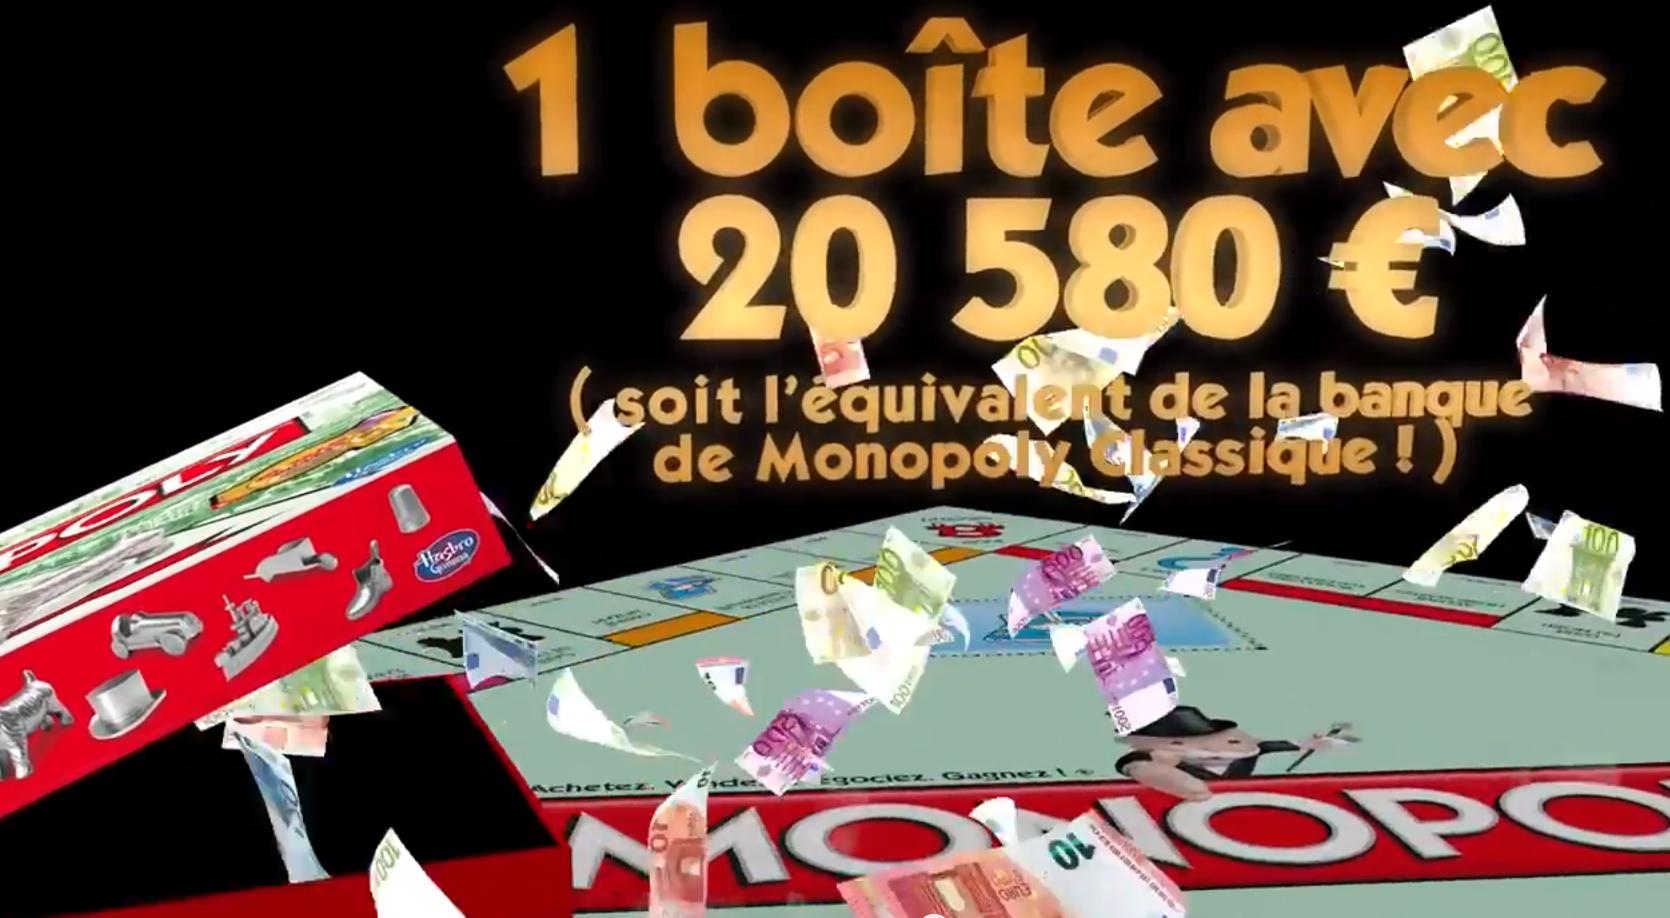 Monopoly rempli ses boites de vrais billets en euros pour son anniversaire